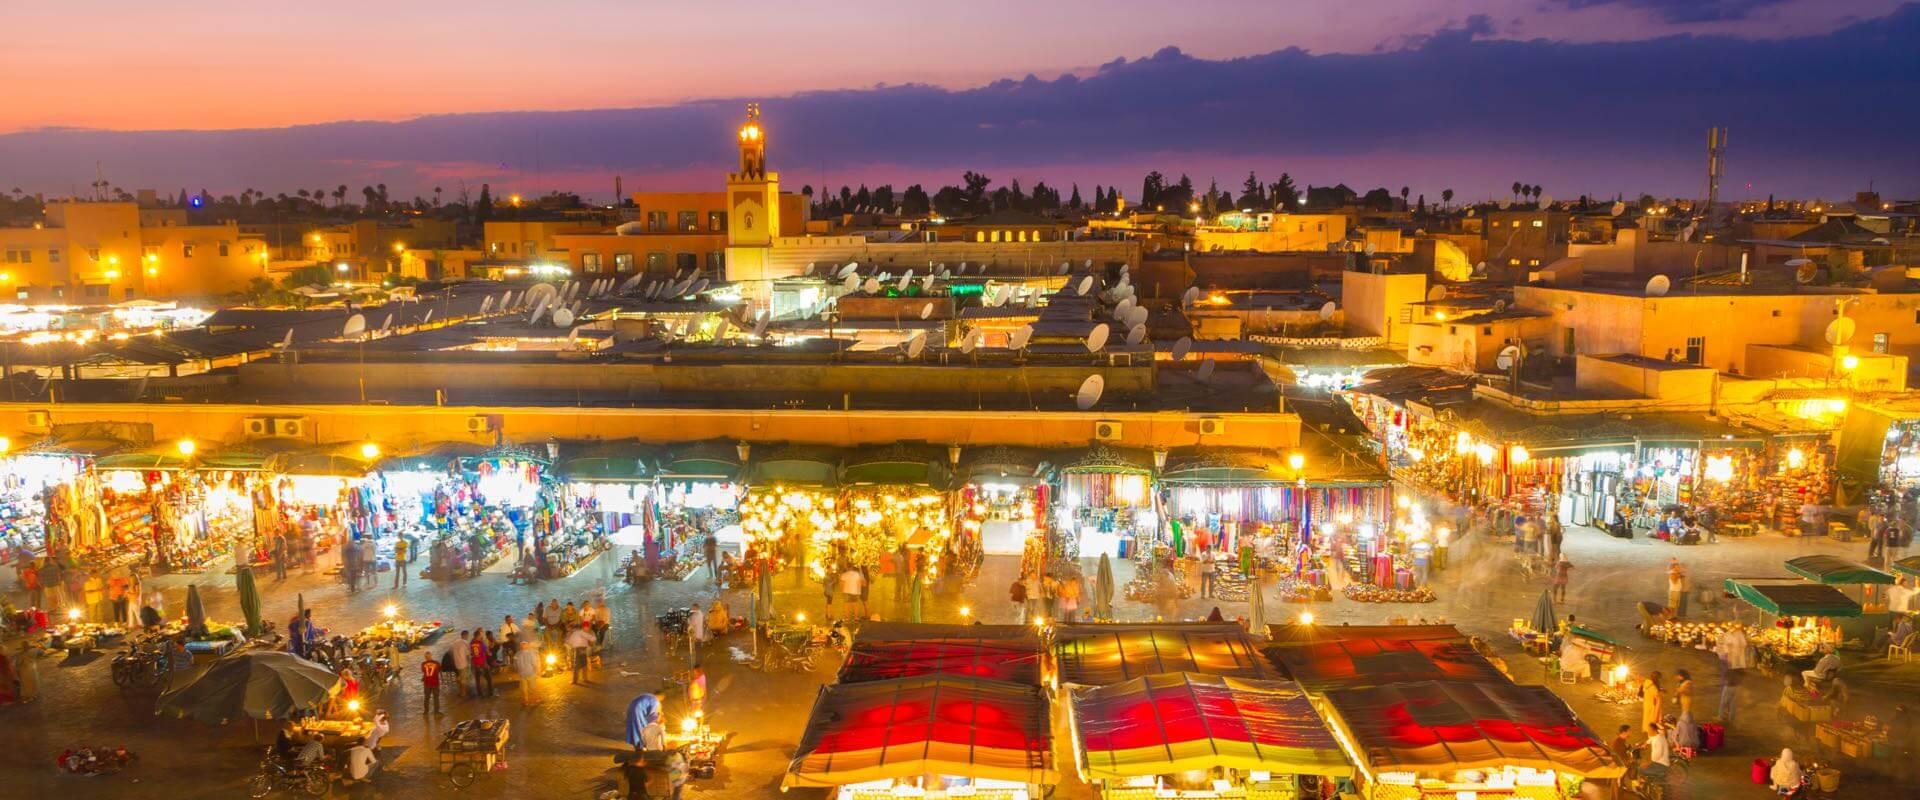 Marrakech arts et voyages for Sejour complet marrakech